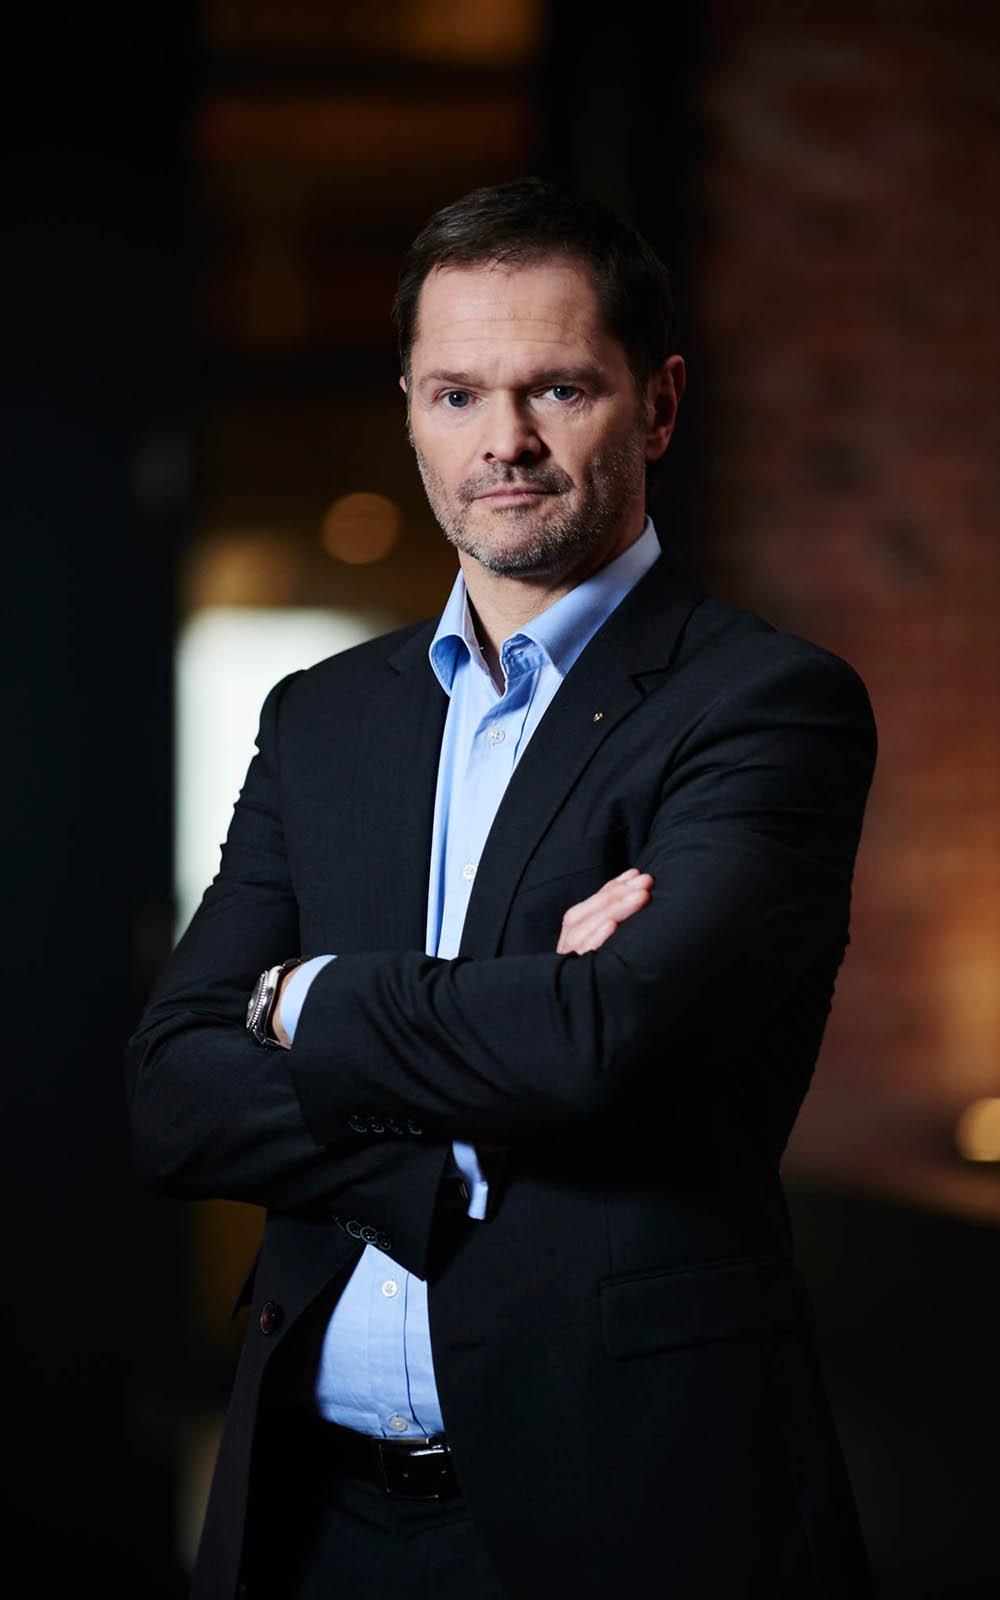 Frieder Gamm 1003 - Frieder Gamm: Portraitierung eines Business Speakers